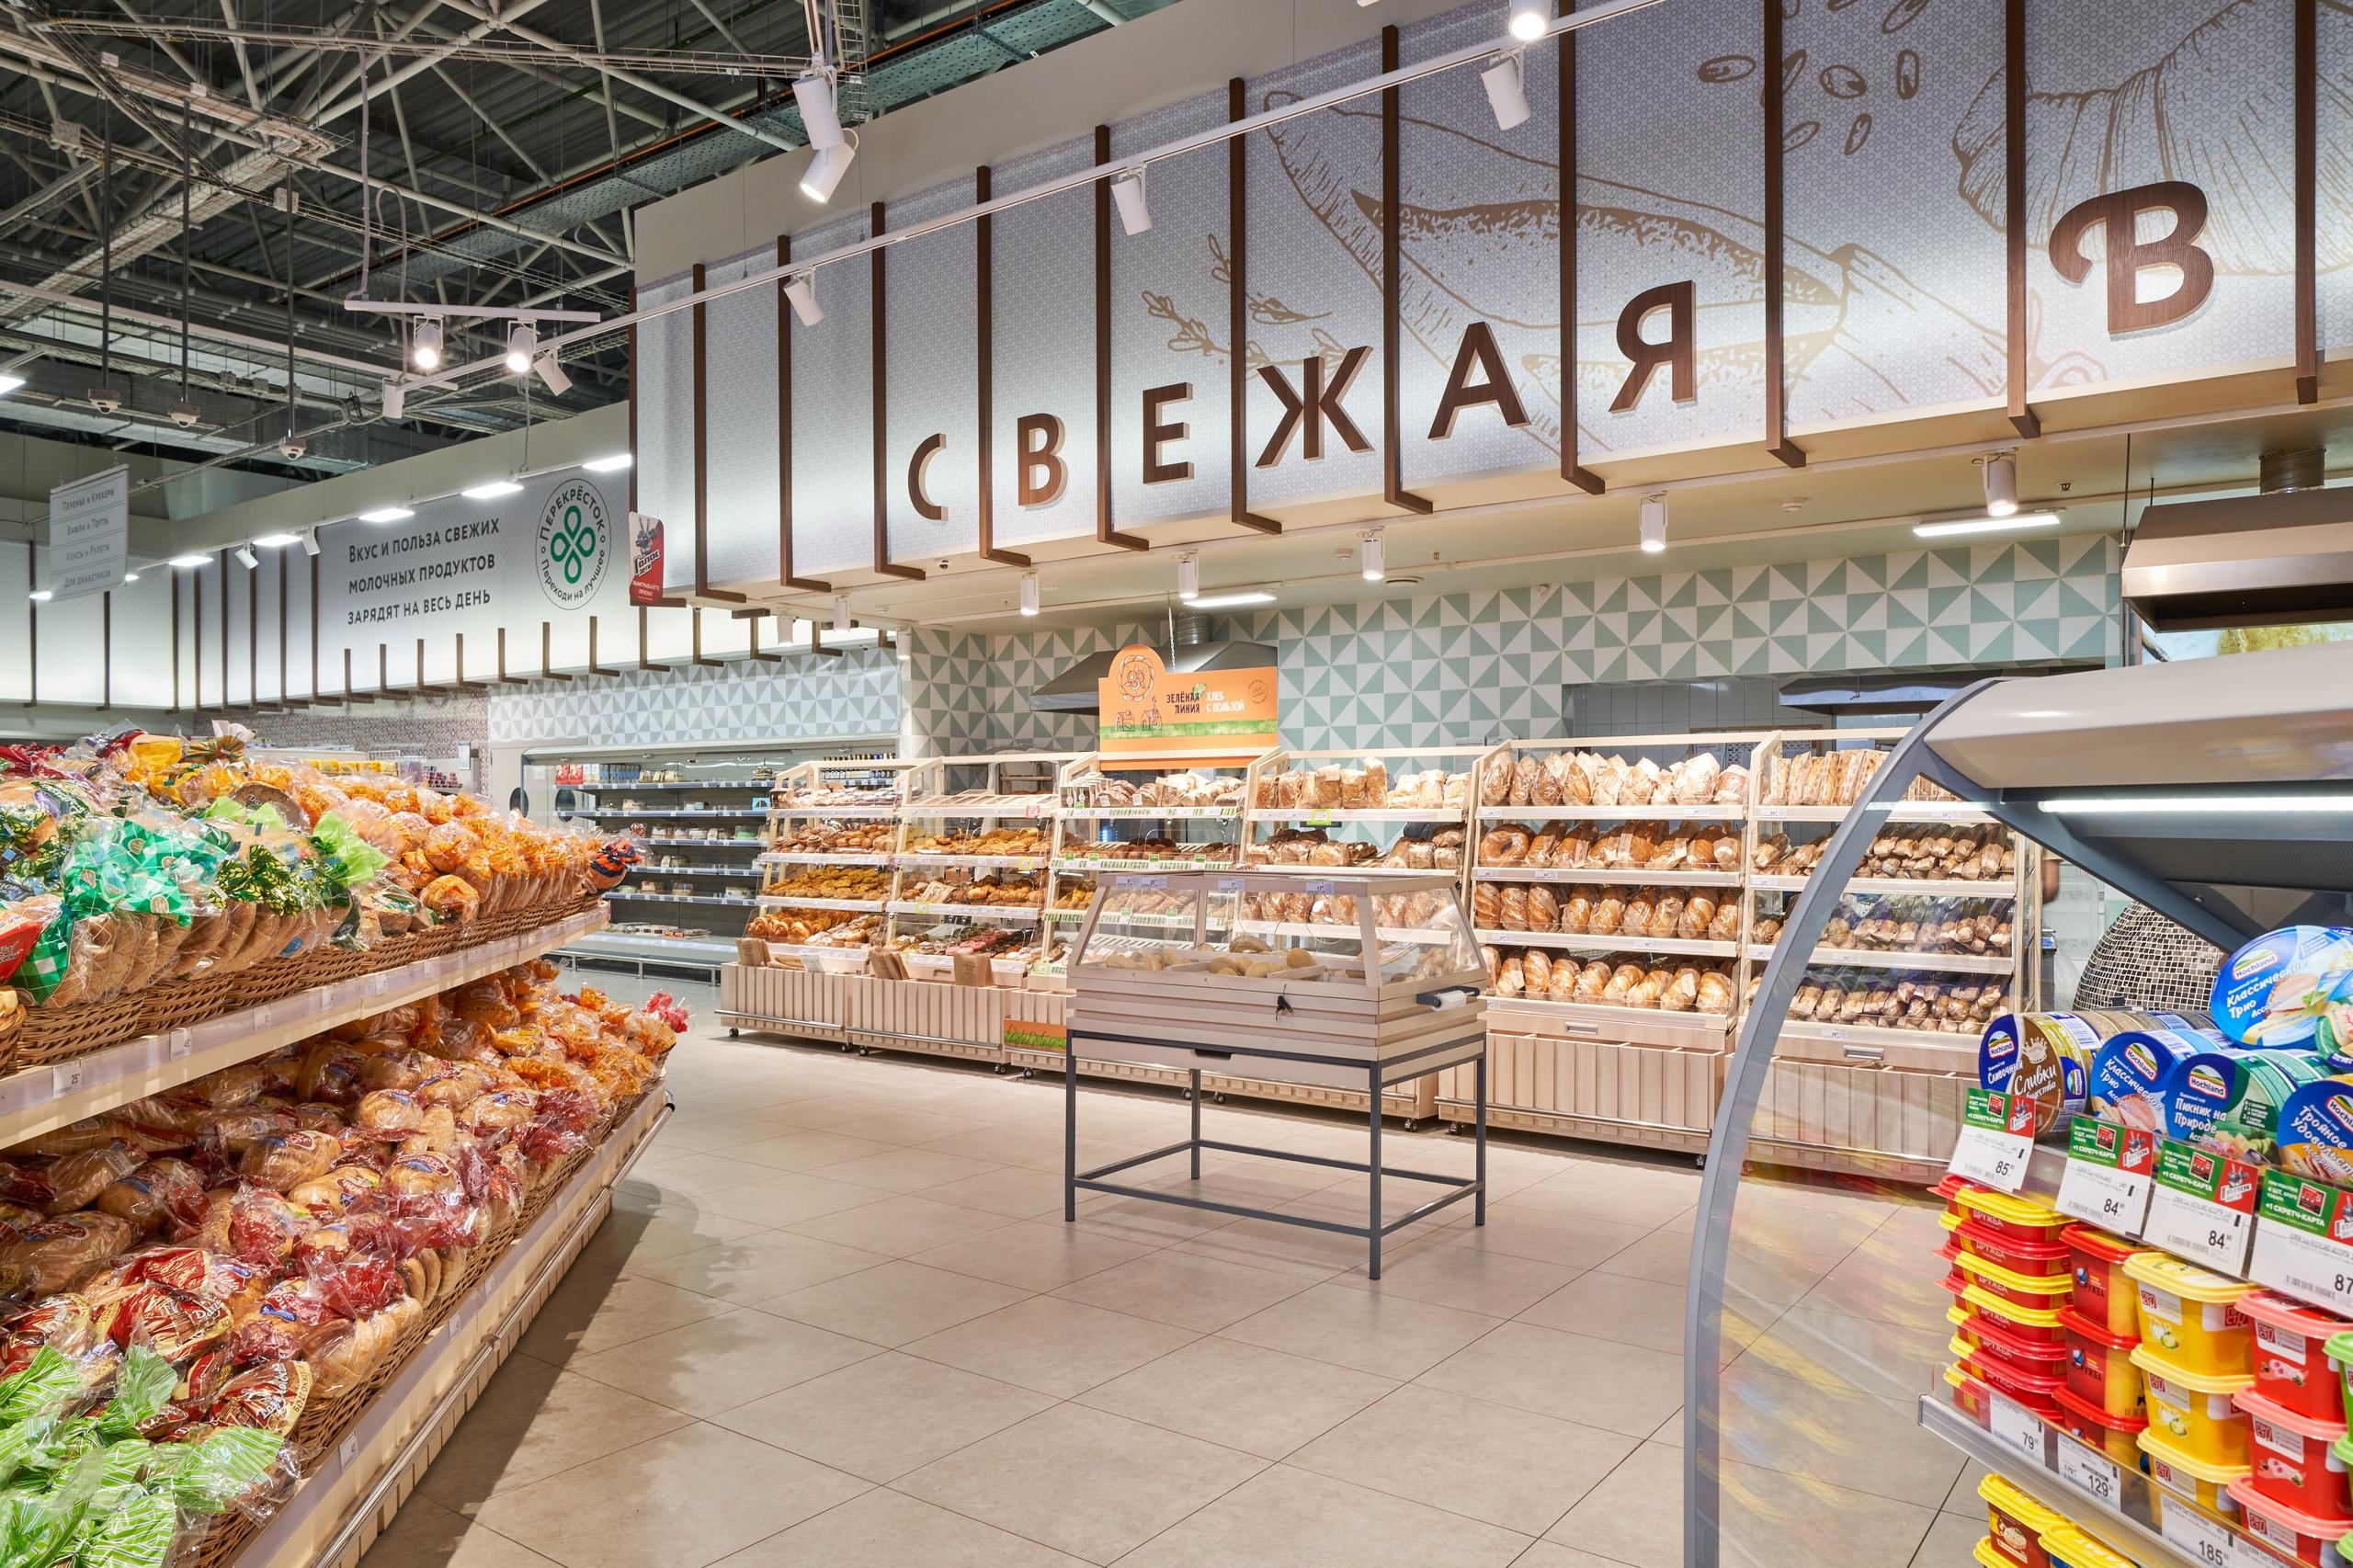 Владислав Курбатов: Каждый день задаёмся вопросом, почему покупатель должен прийти в «Перекрёсток», изображение №7